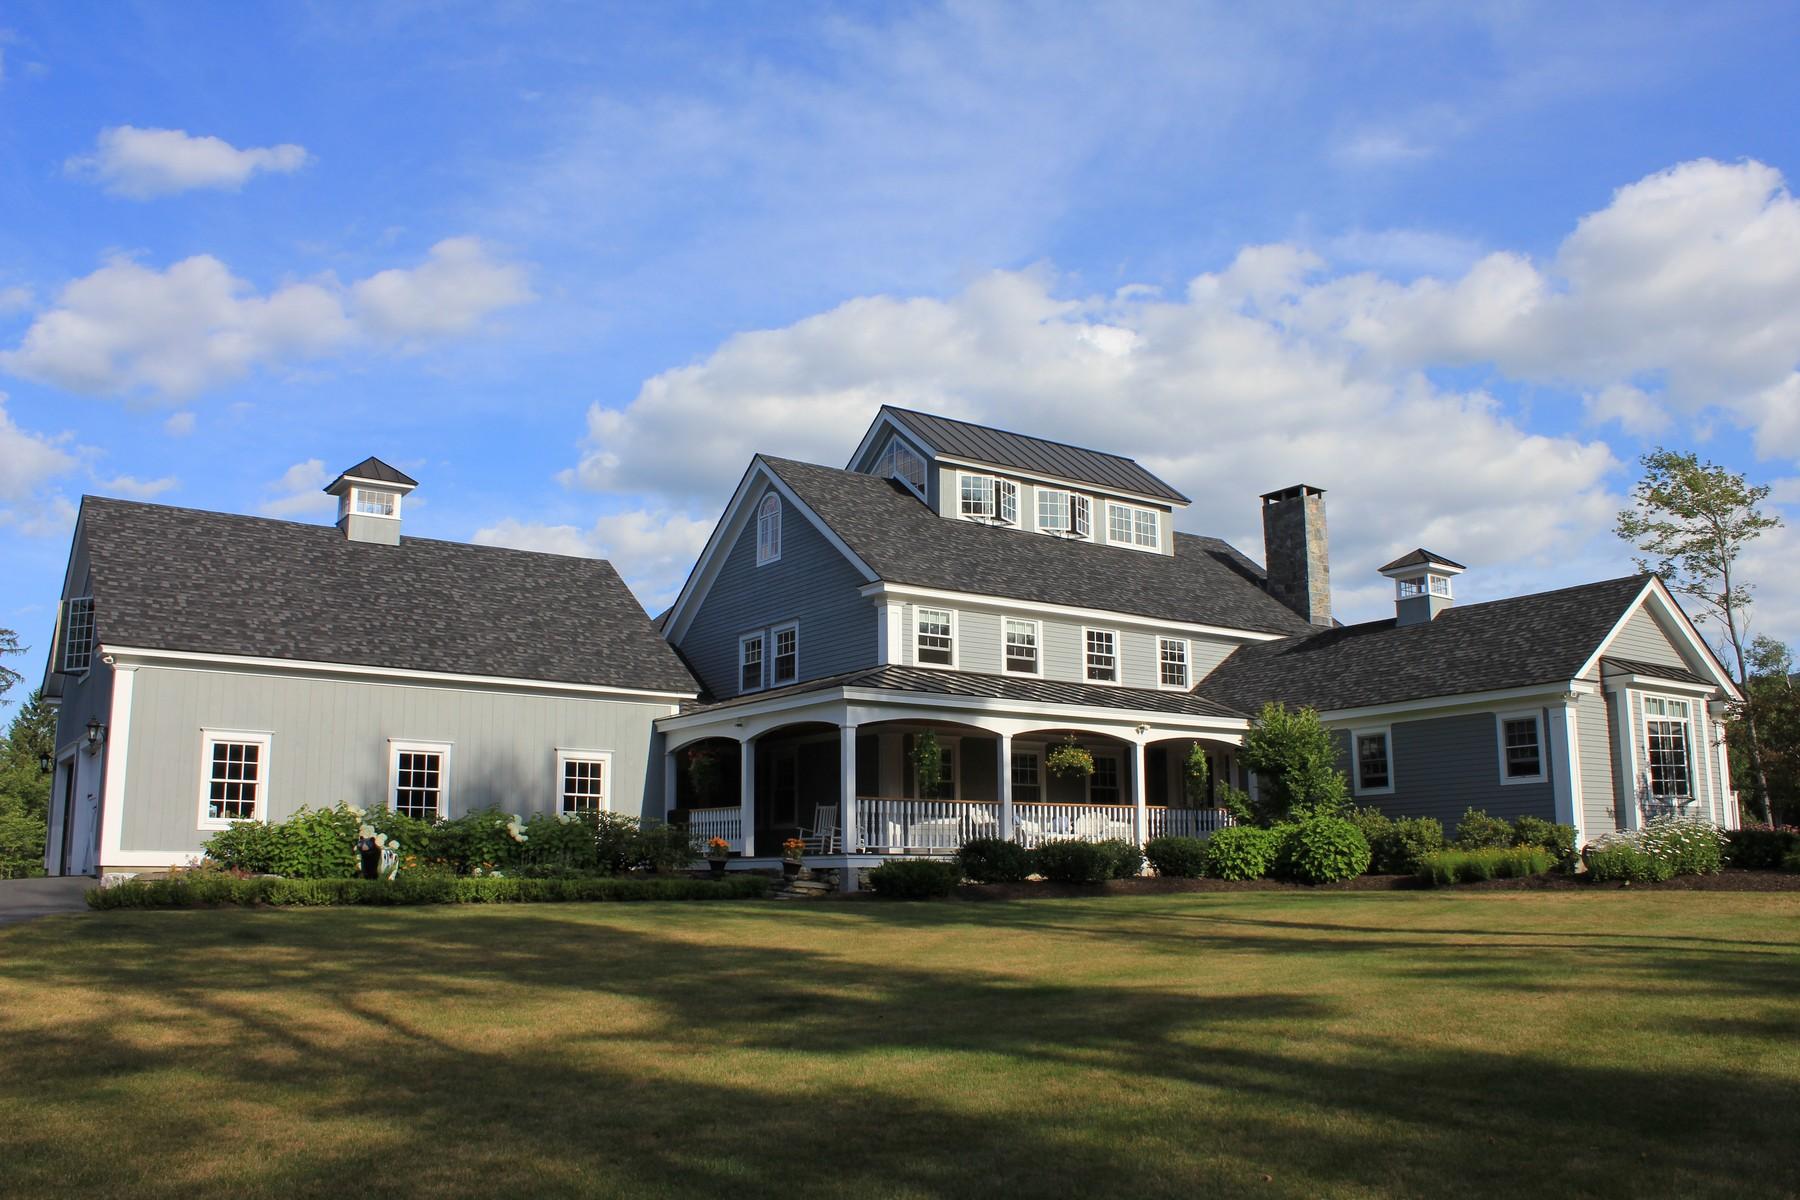 Maison unifamiliale pour l Vente à Spectacular Country Retreat 23 Catey Rose Ln Stratton, Vermont, 05360 États-Unis